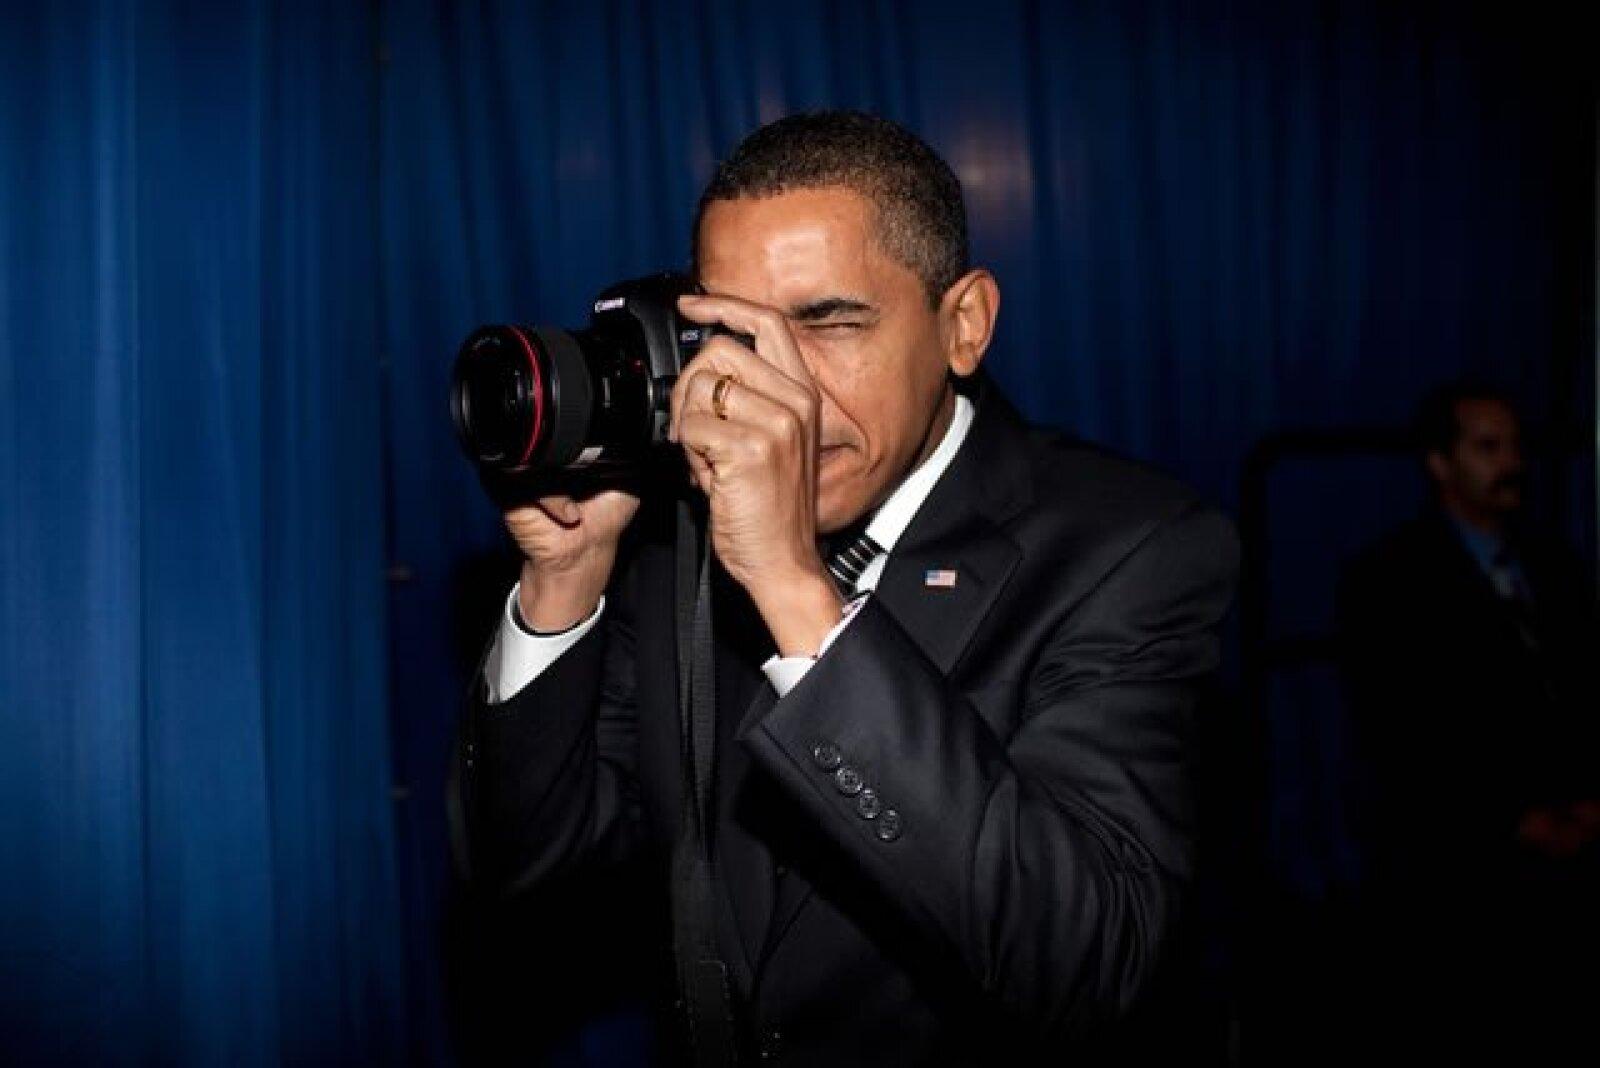 El presidente Obama toma una fotografía antes detrás de cámaras antes de anunciar que se ayudará a aliviar el pago de las hipotecas de los dueños responsables en la Dobson High School, en Arizona.